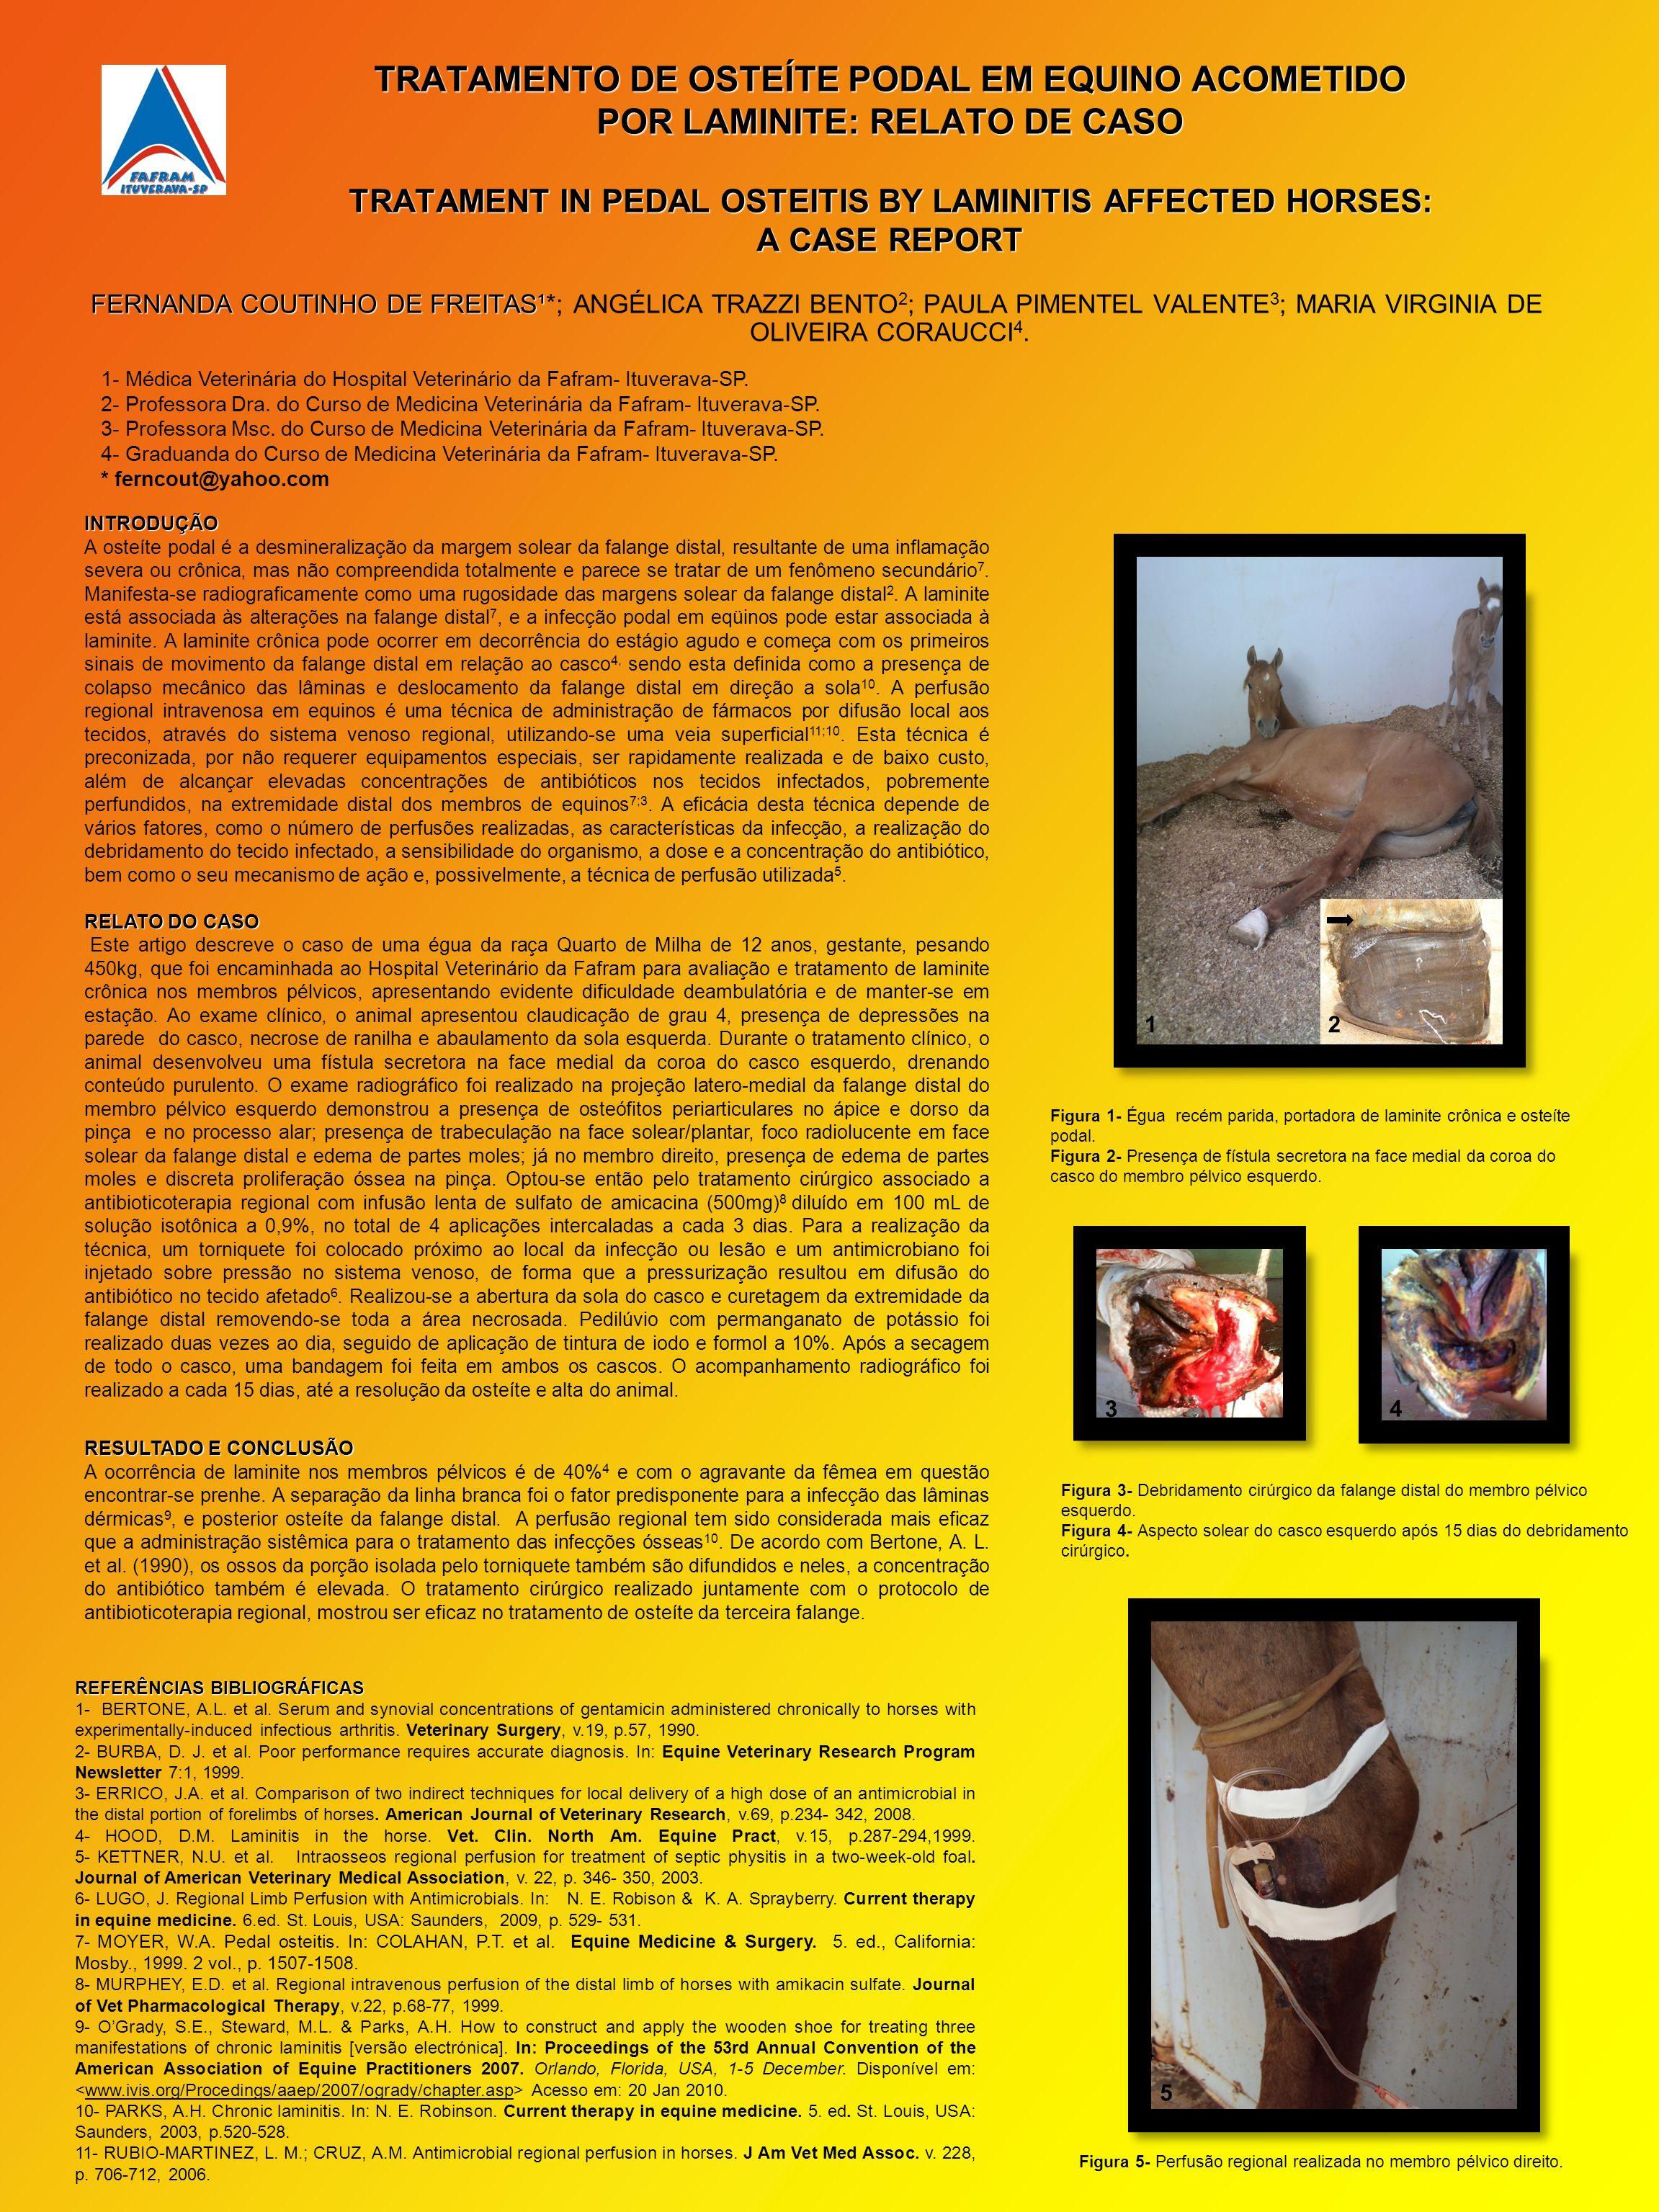 TRATAMENTO DE OSTEÍTE PODAL EM EQUINO ACOMETIDO POR LAMINITE: RELATO DE CASO TRATAMENT IN PEDAL OSTEITIS BY LAMINITIS AFFECTED HORSES: A CASE REPORT